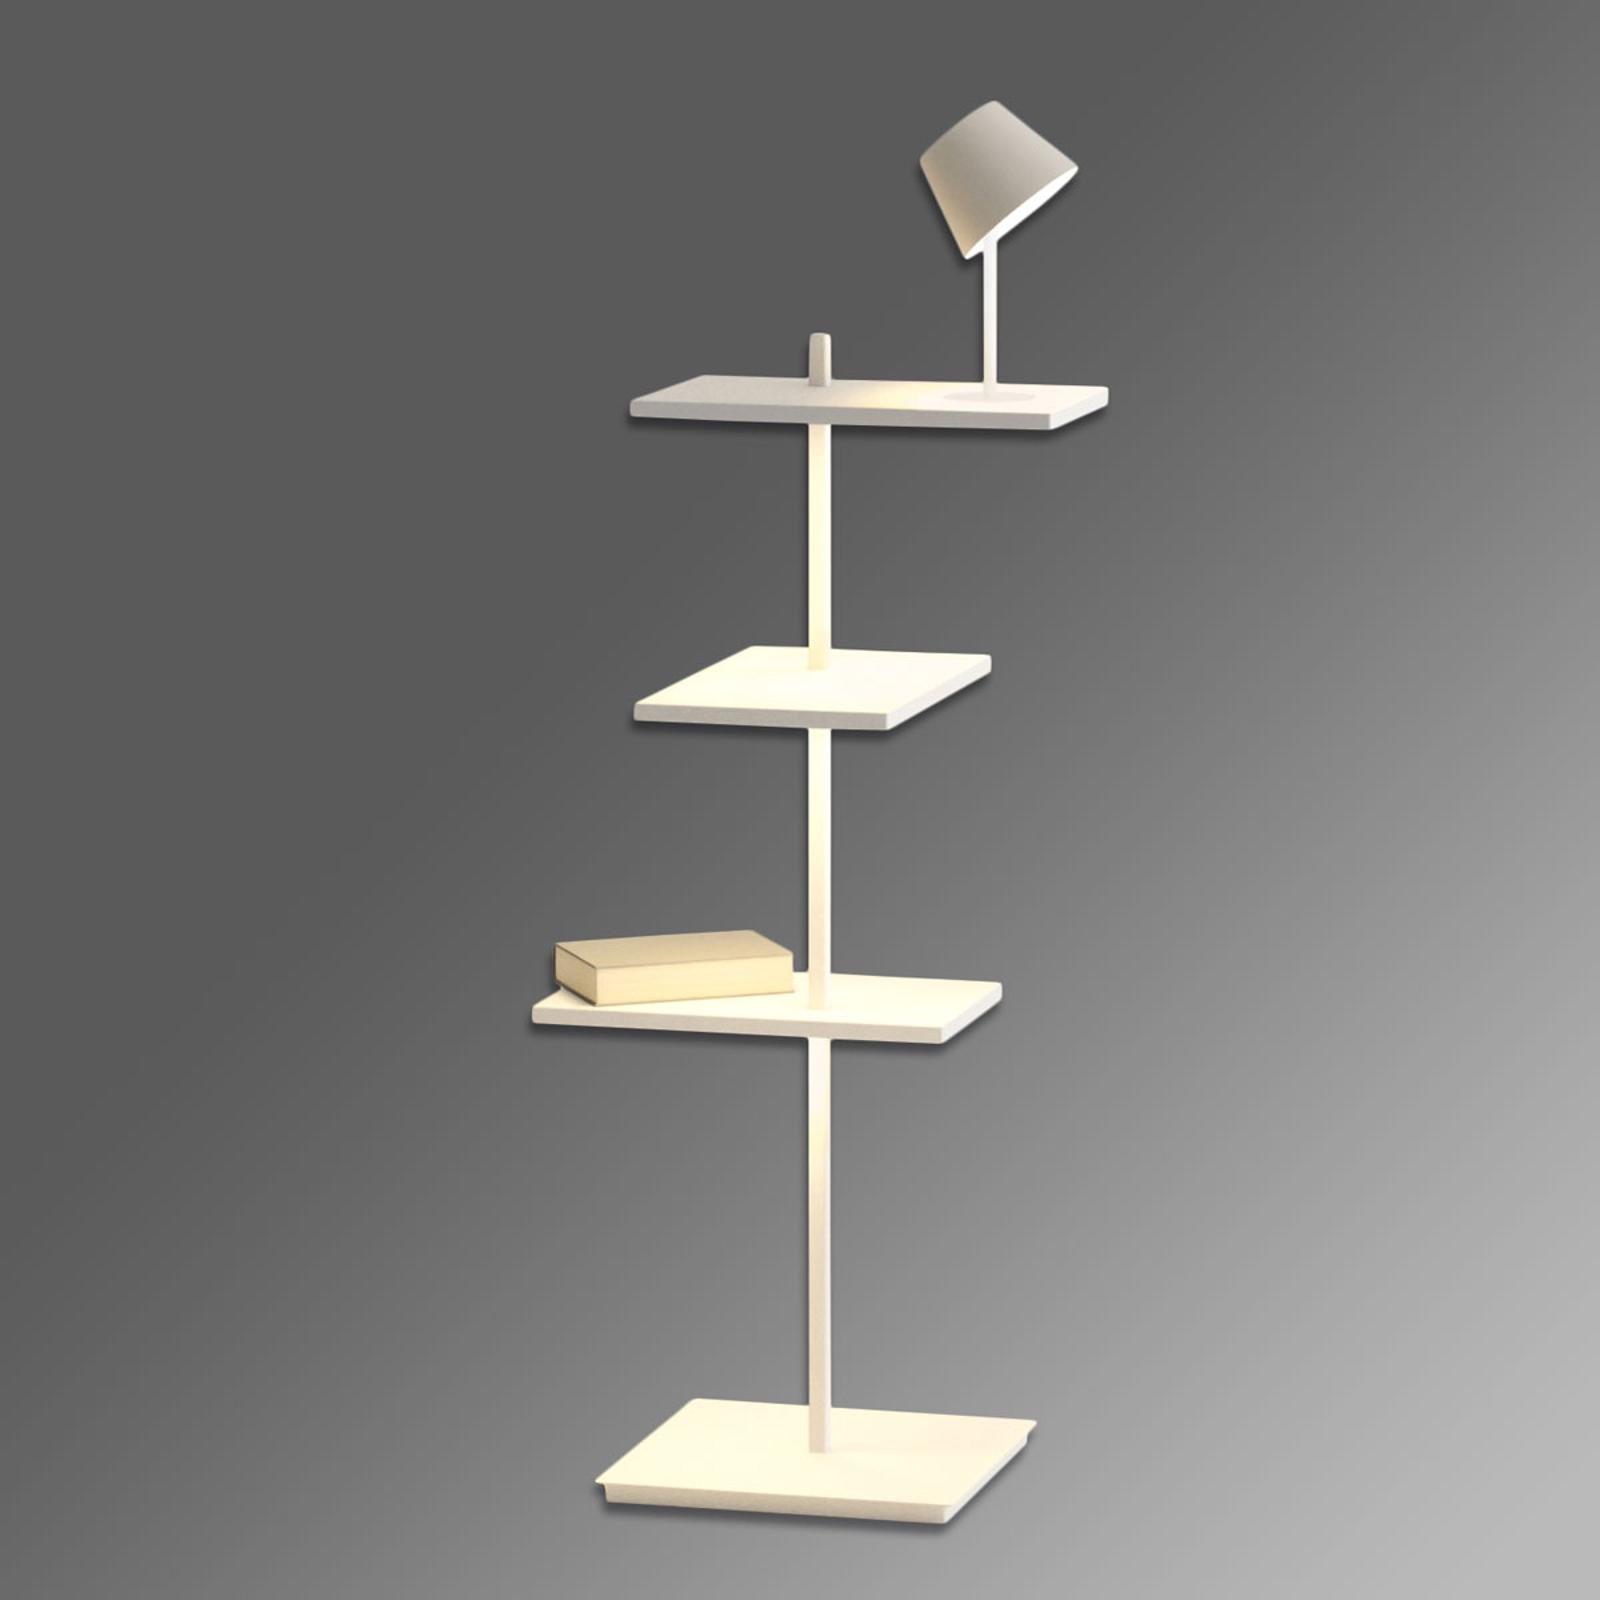 Lampa stojąca LED SUITE, 112 cm